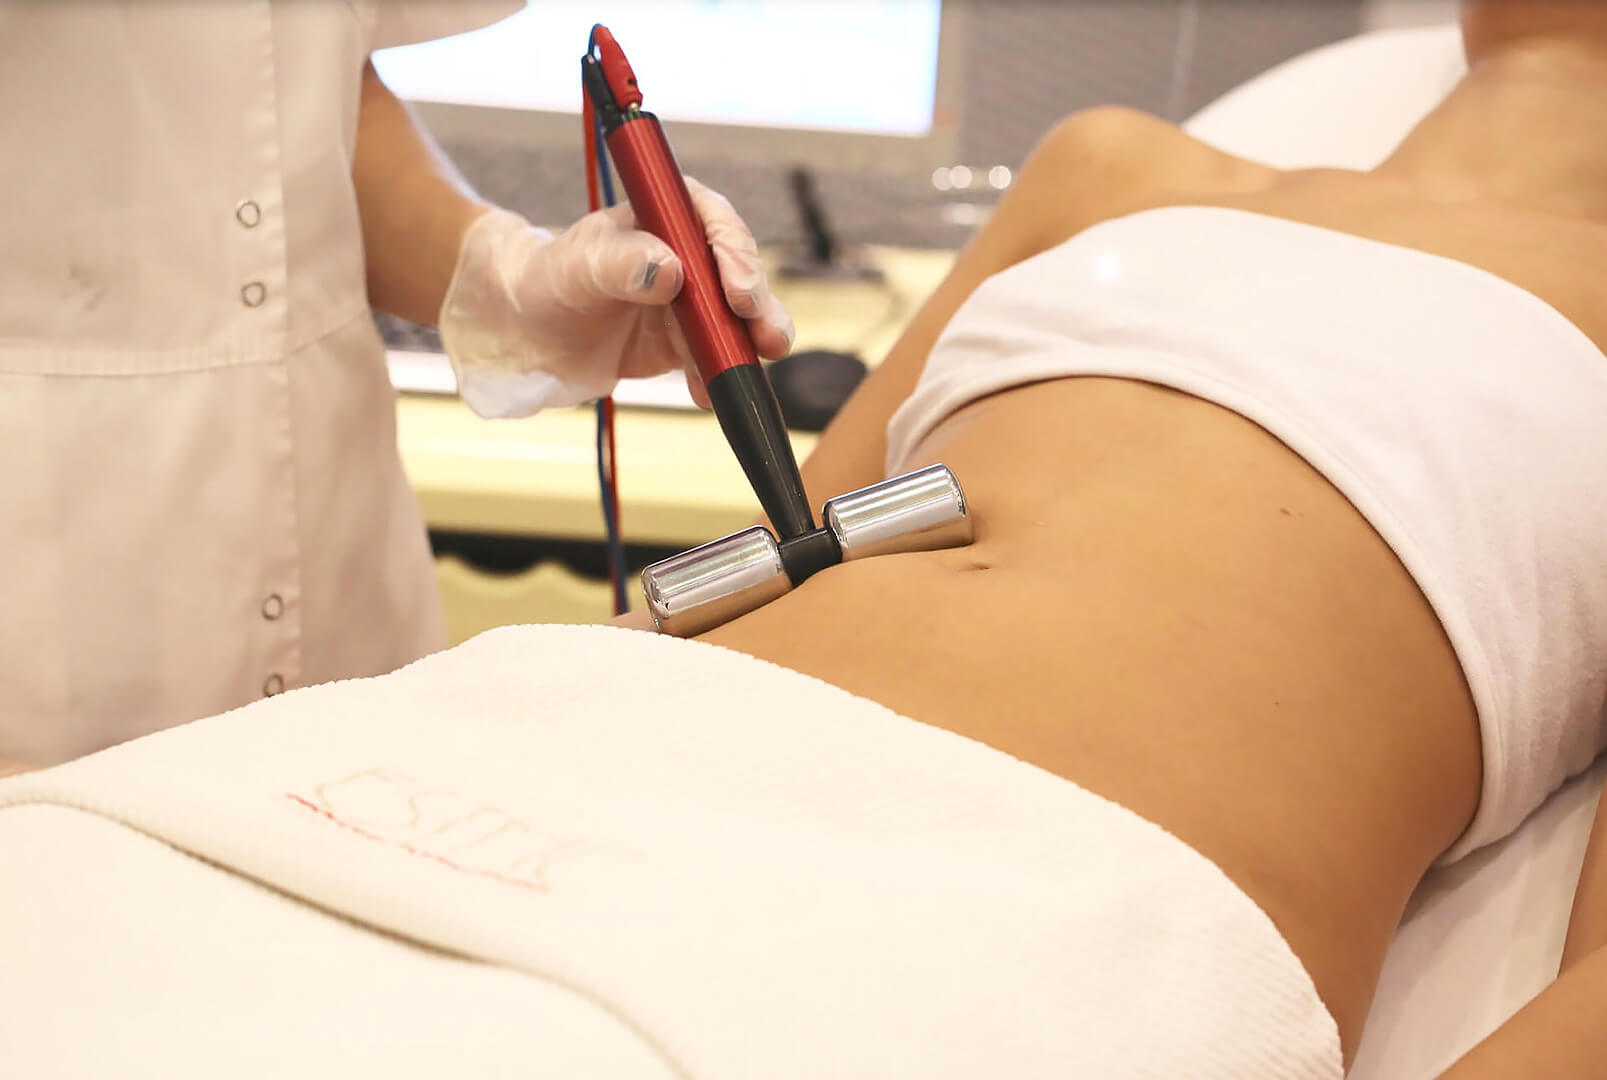 Modelowanie ciała - BeautyTek Premium - gabinet kosmetyczny Esthe w Lublinie